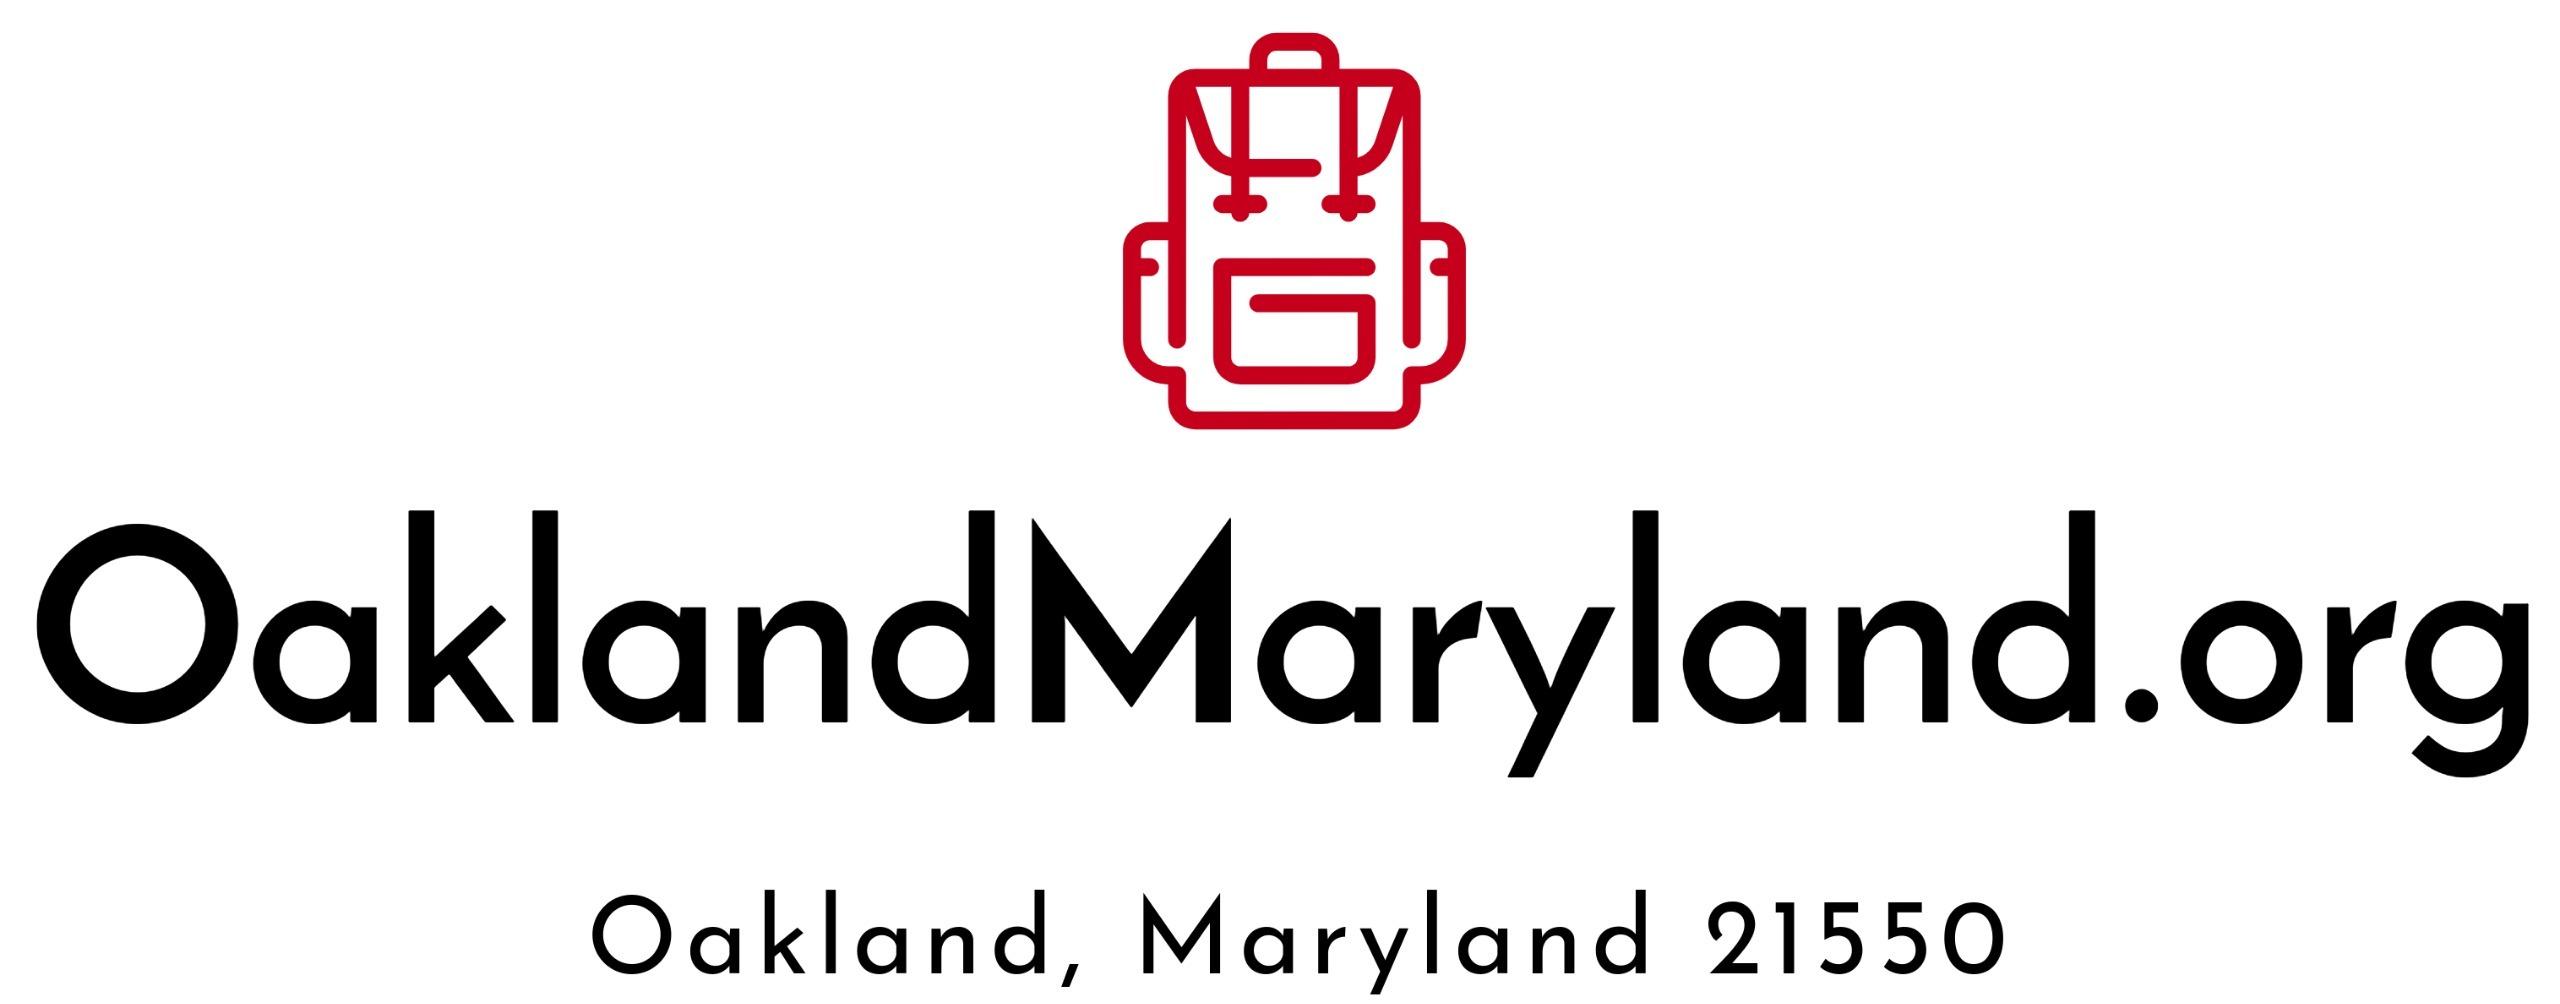 Oakland, Maryland 21550 by OaklandMaryland.org (@oaklandmaryland21550) Cover Image